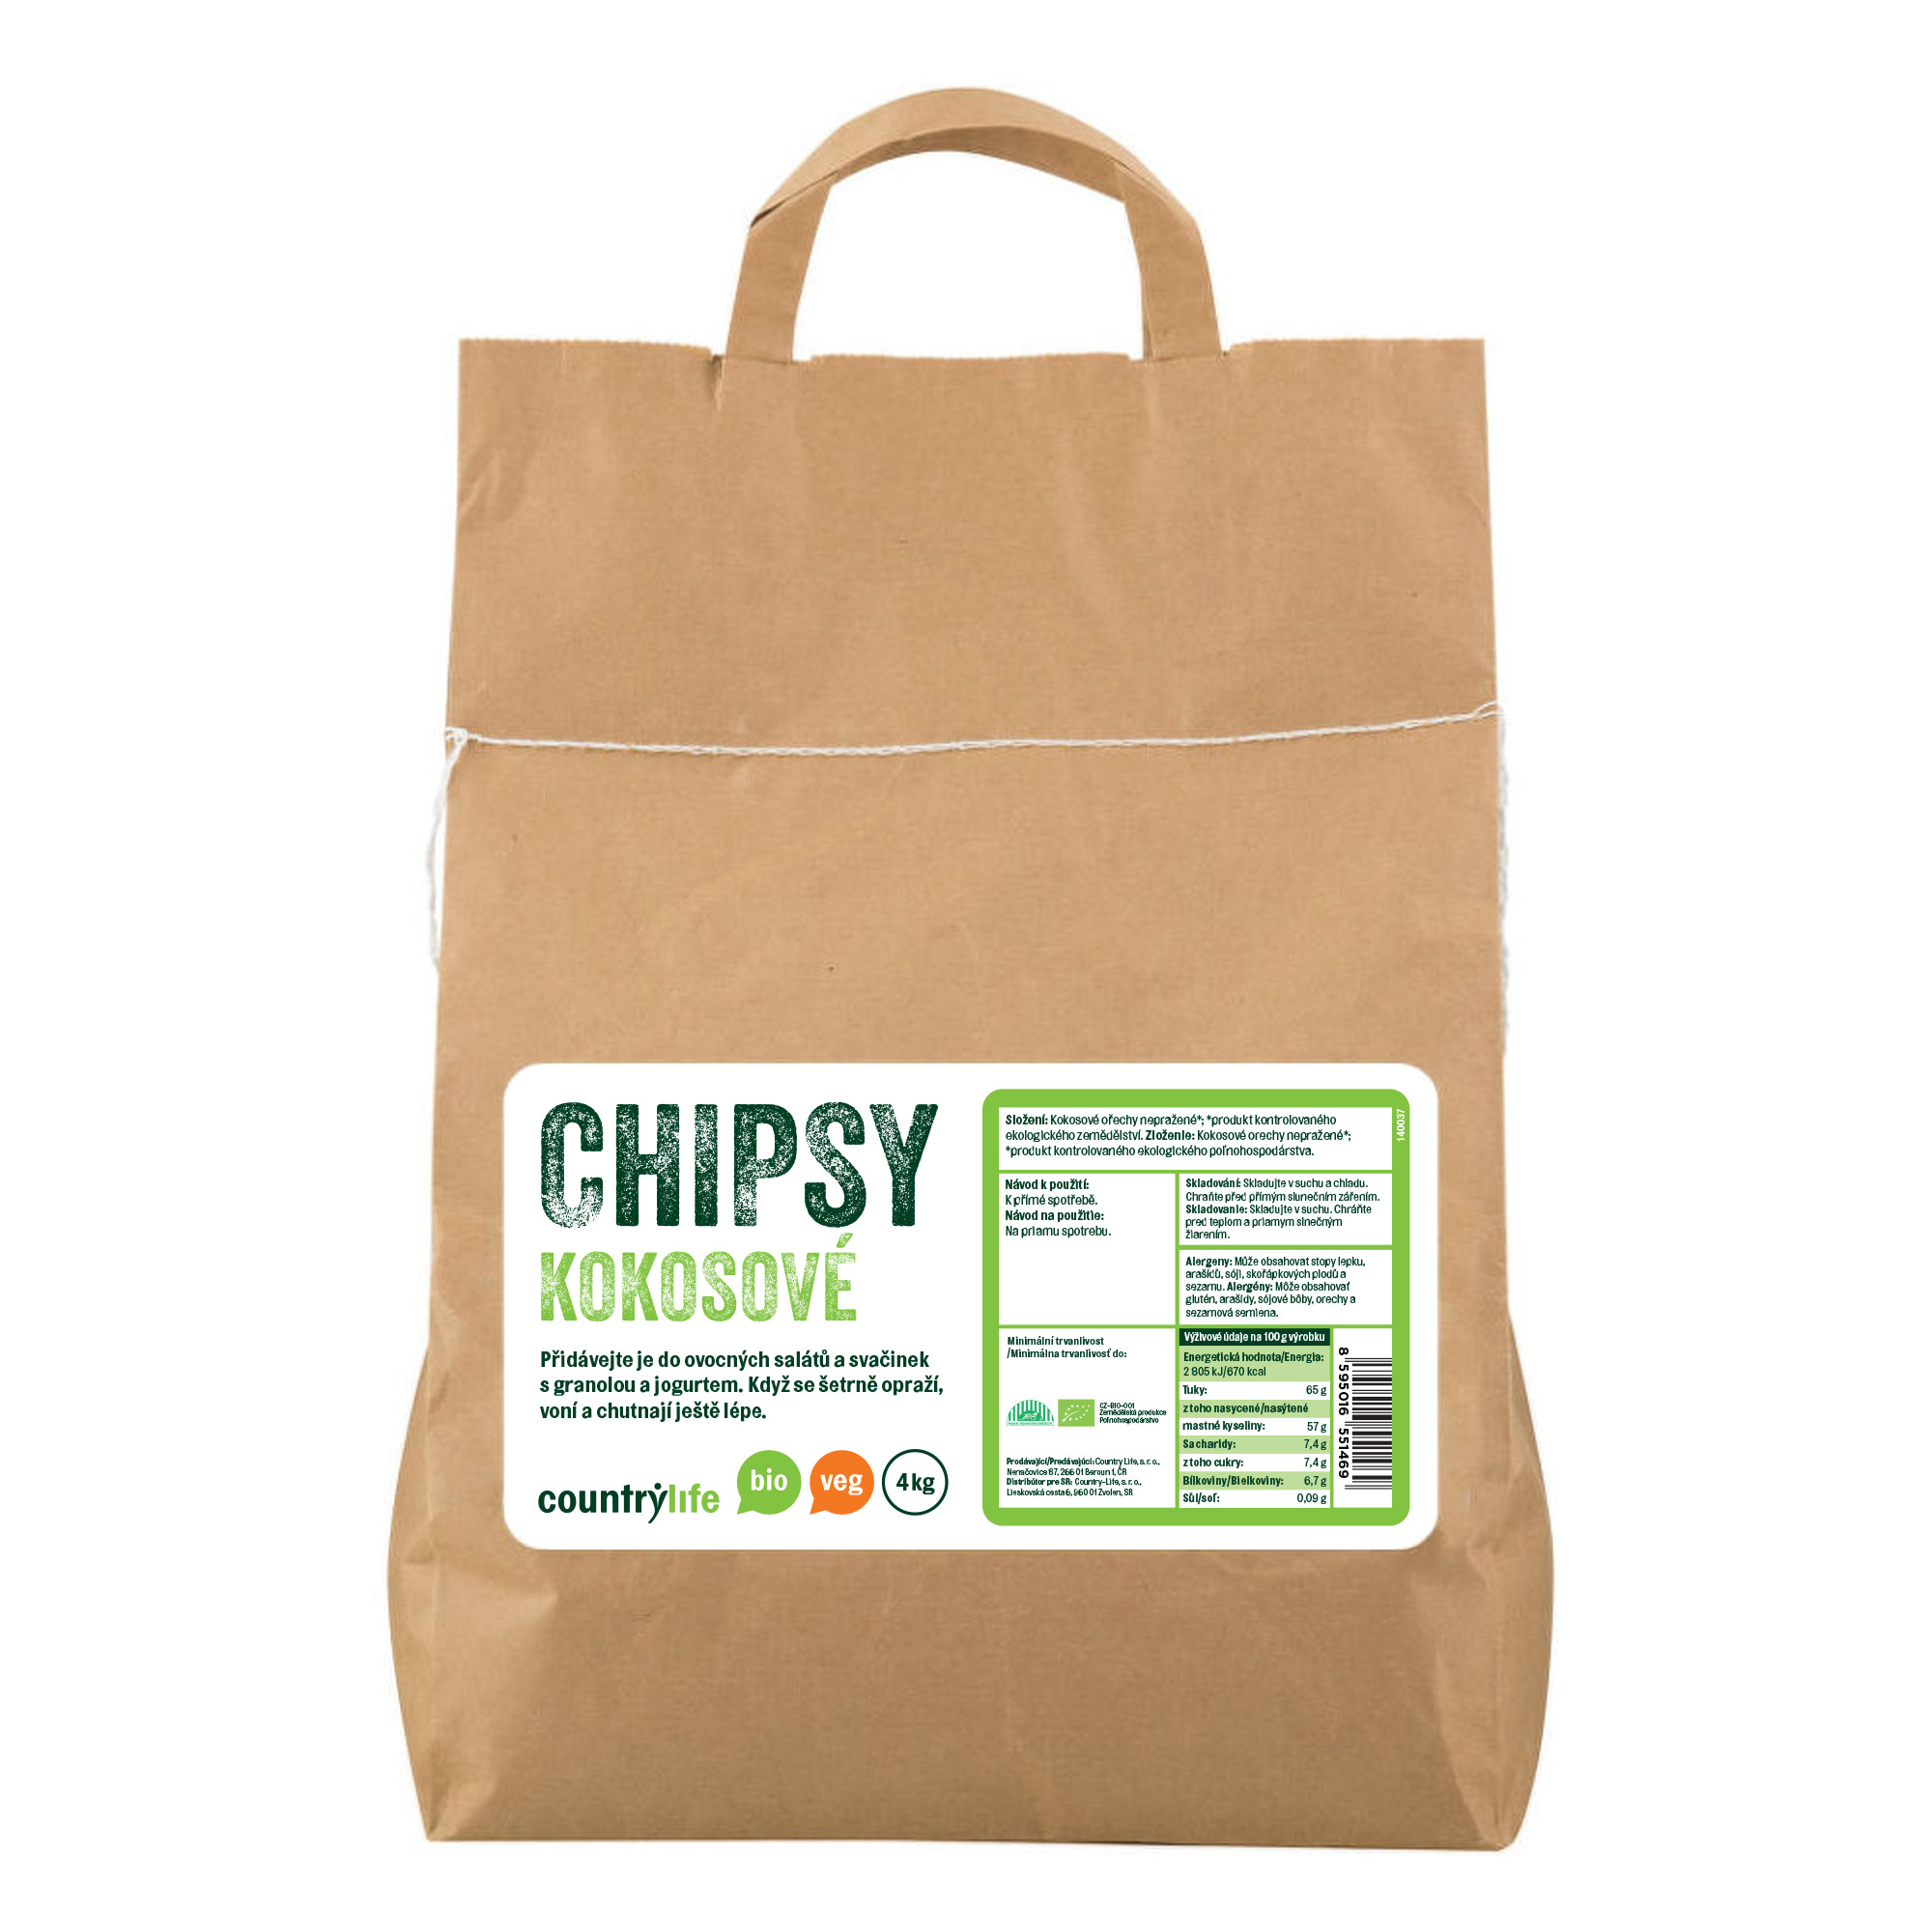 Kokosové chipsy 4kg BIO   COUNTRYLIFE